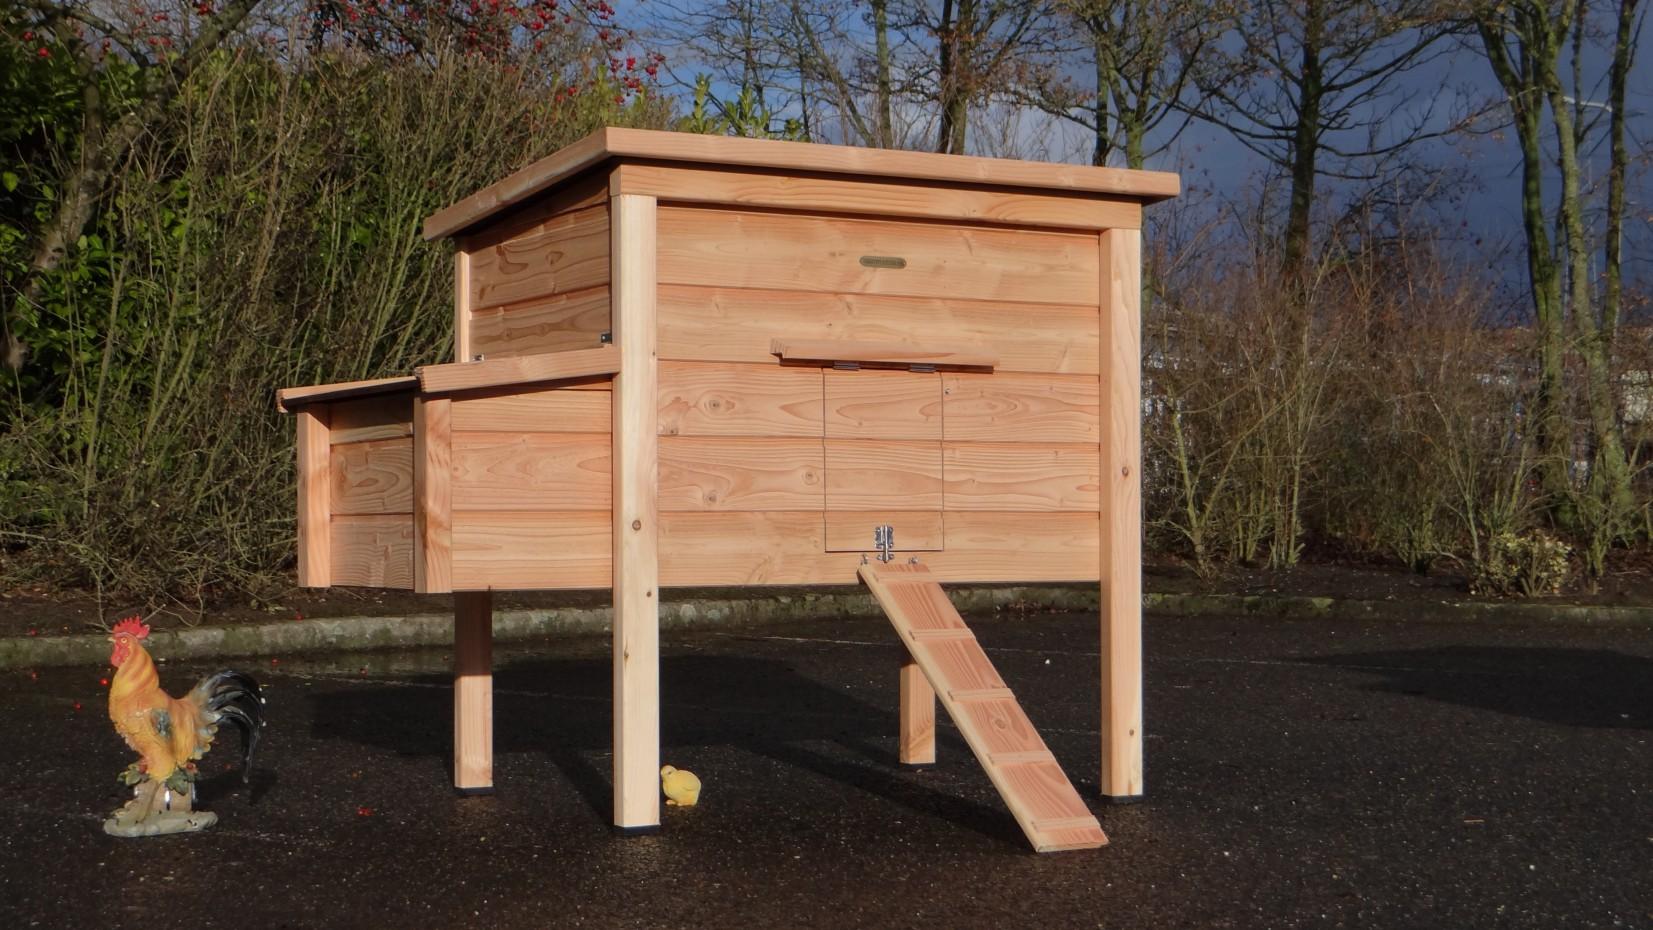 poulailler chicky 2 en bois de douglas. Black Bedroom Furniture Sets. Home Design Ideas